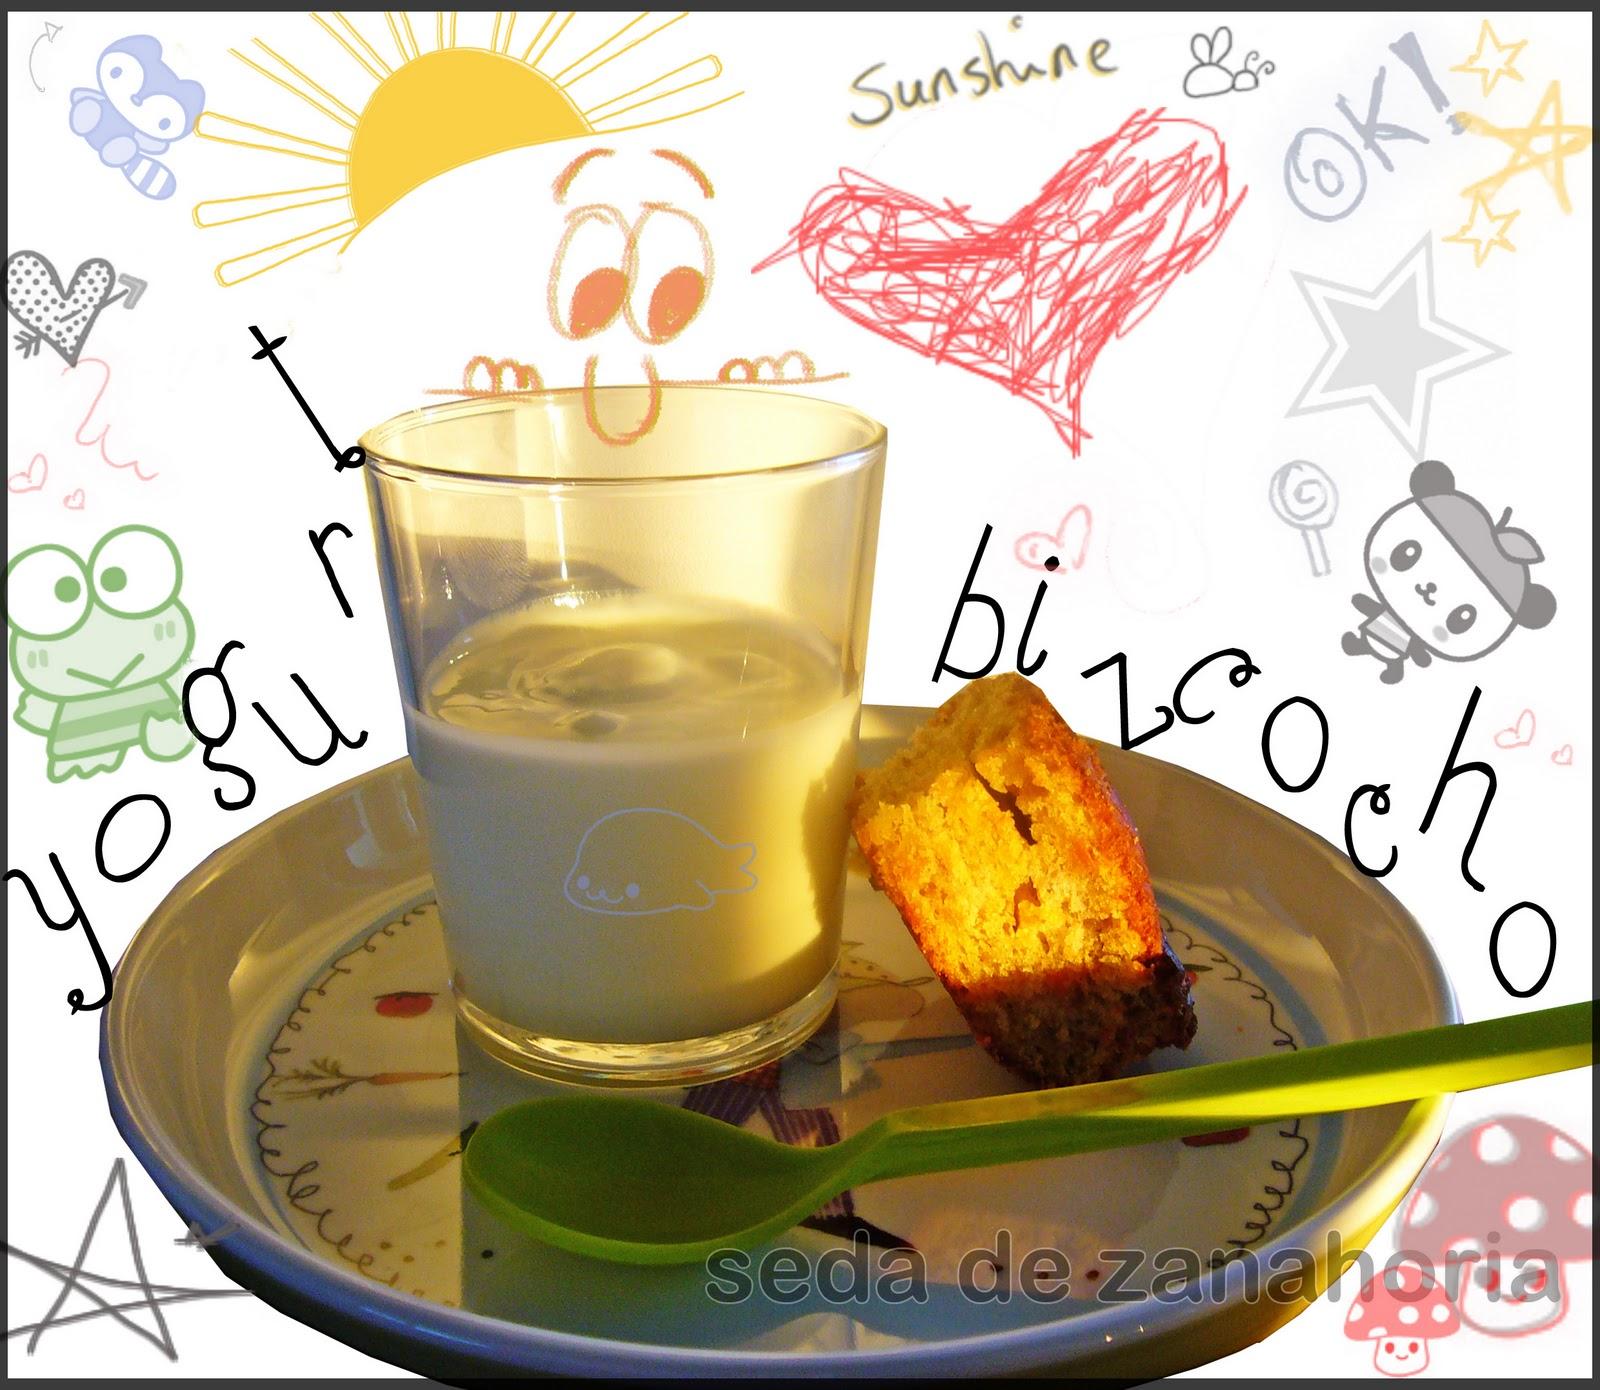 Seda de zanahoria carrot cake y un vasito de yogurt - Hadas y cuscus ...